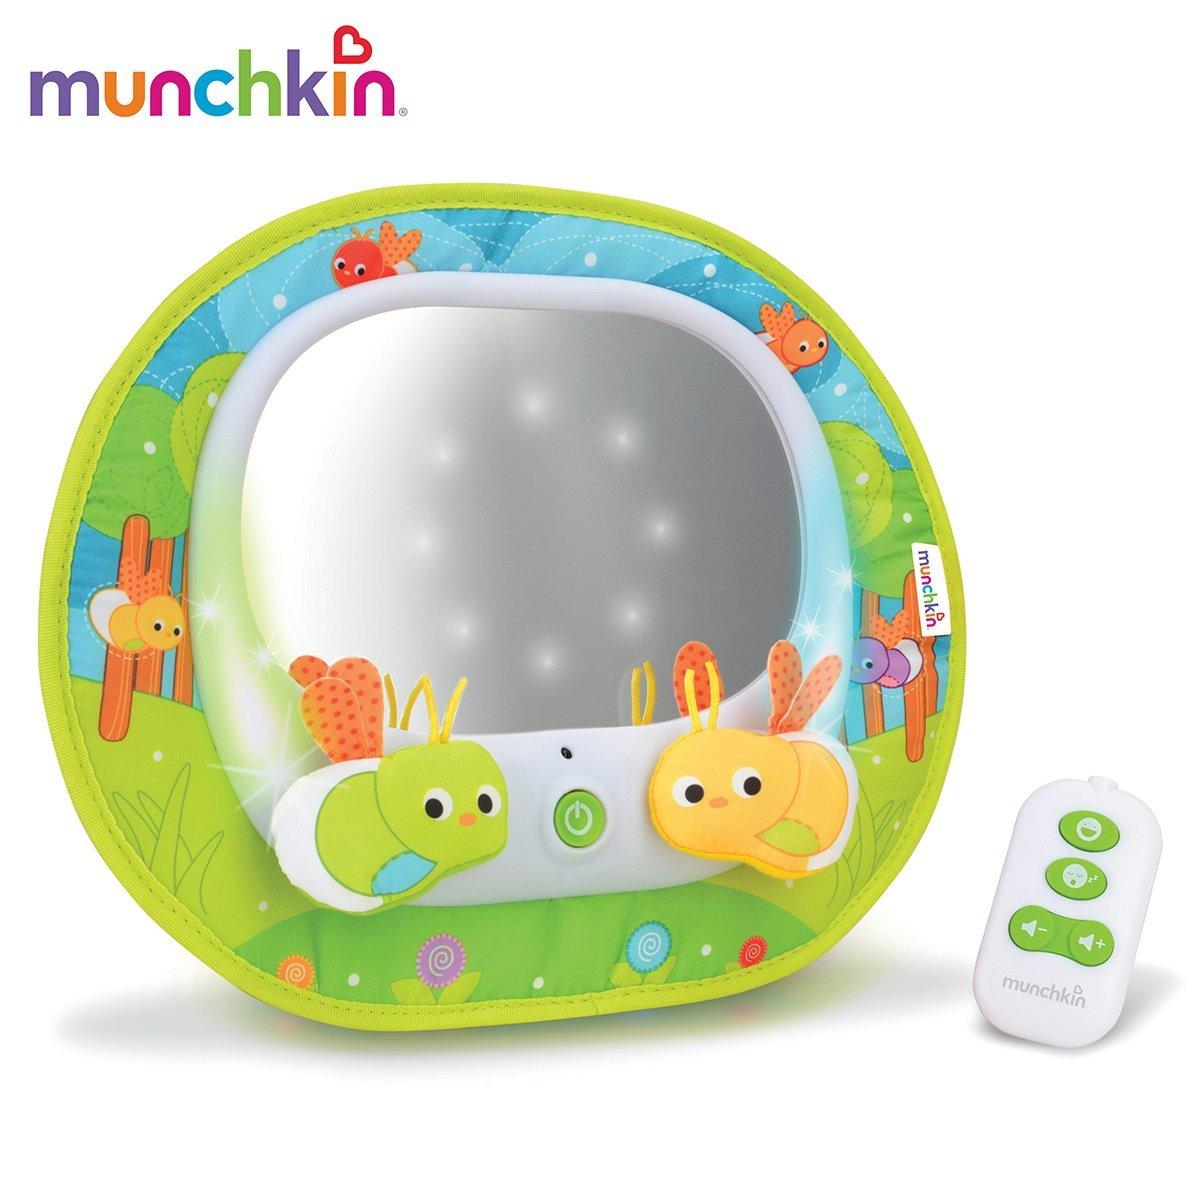 Espejos Retrovisores De Coche Para Bebes Mamuchi Es